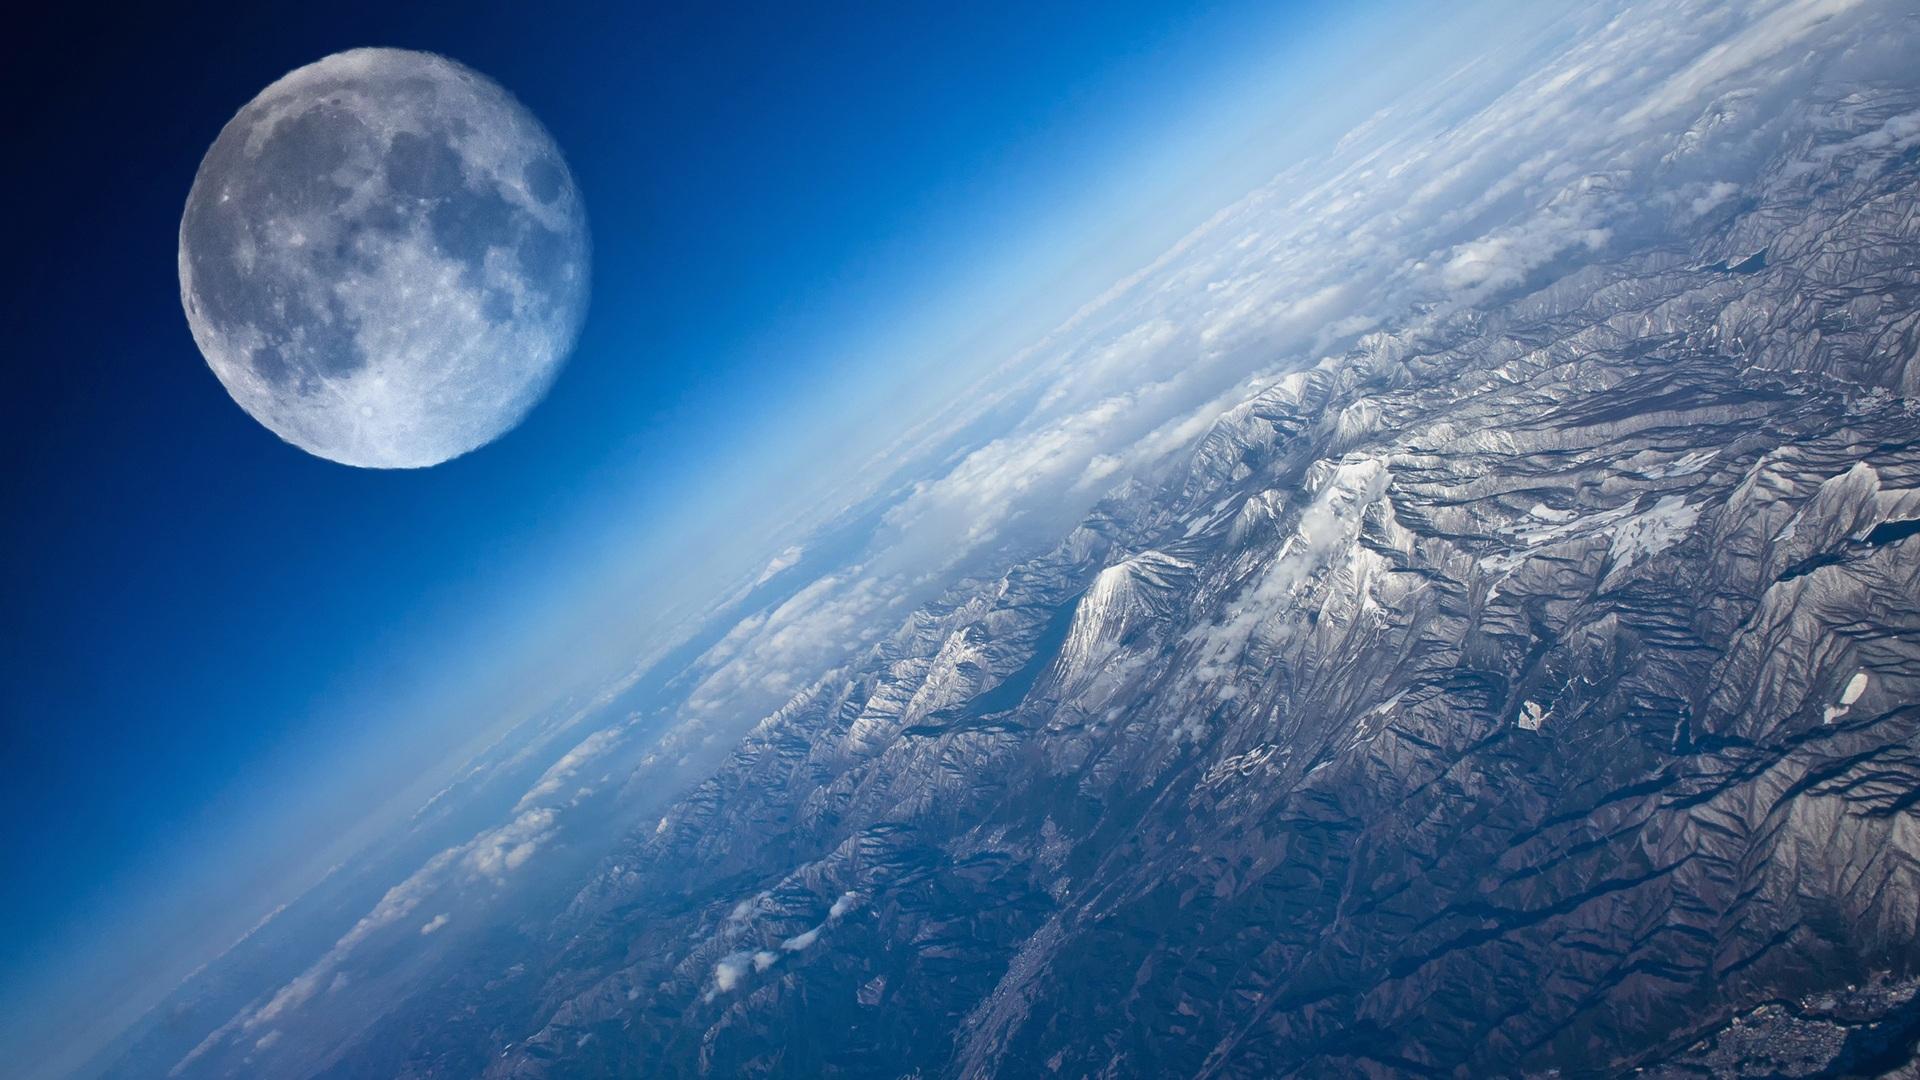 Луна с верхних слоев атмосферы Земли. Изображение Луны оптически увеличено.